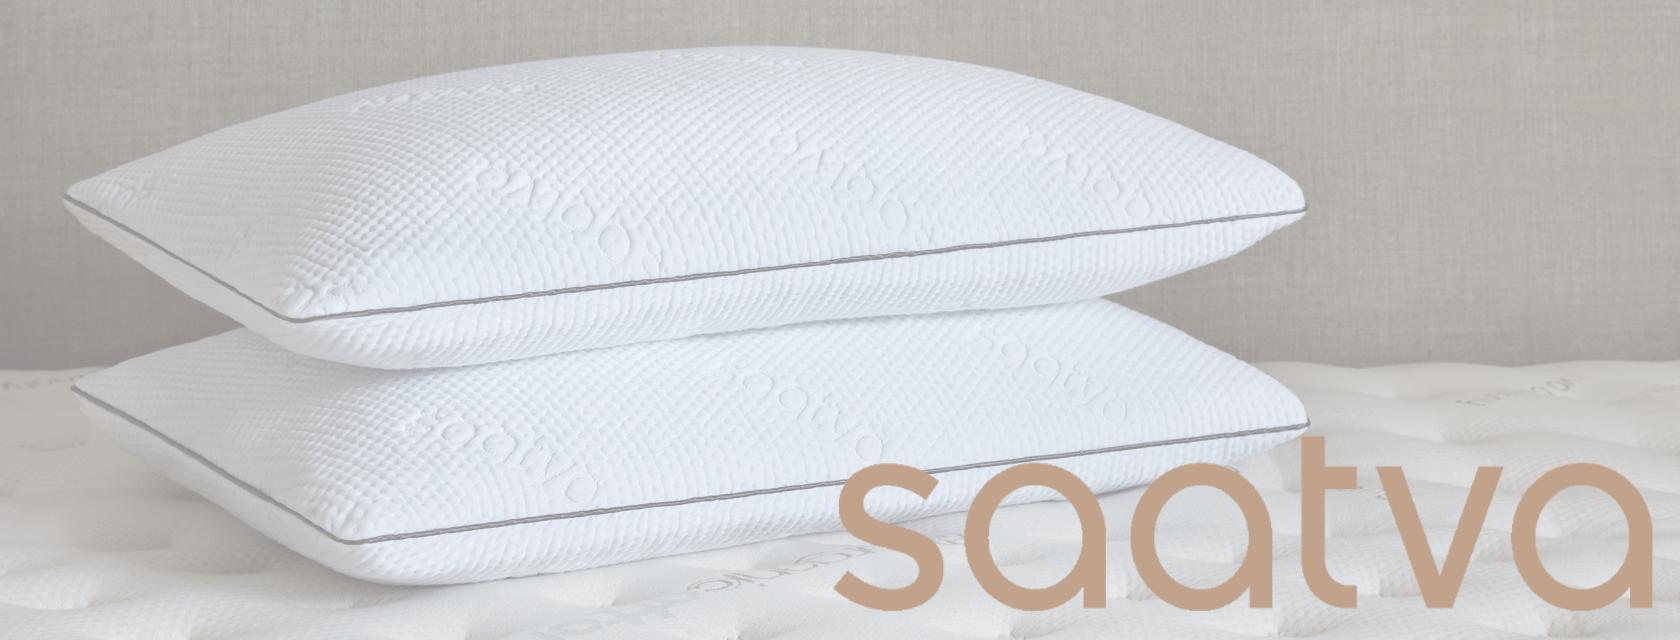 saatva memory foam pillow review